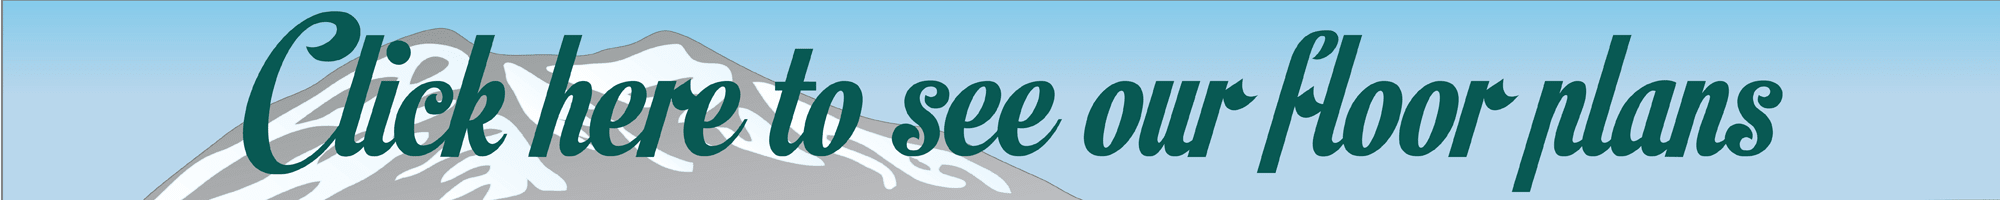 Cascade Valley Senior Living Floor plan callout